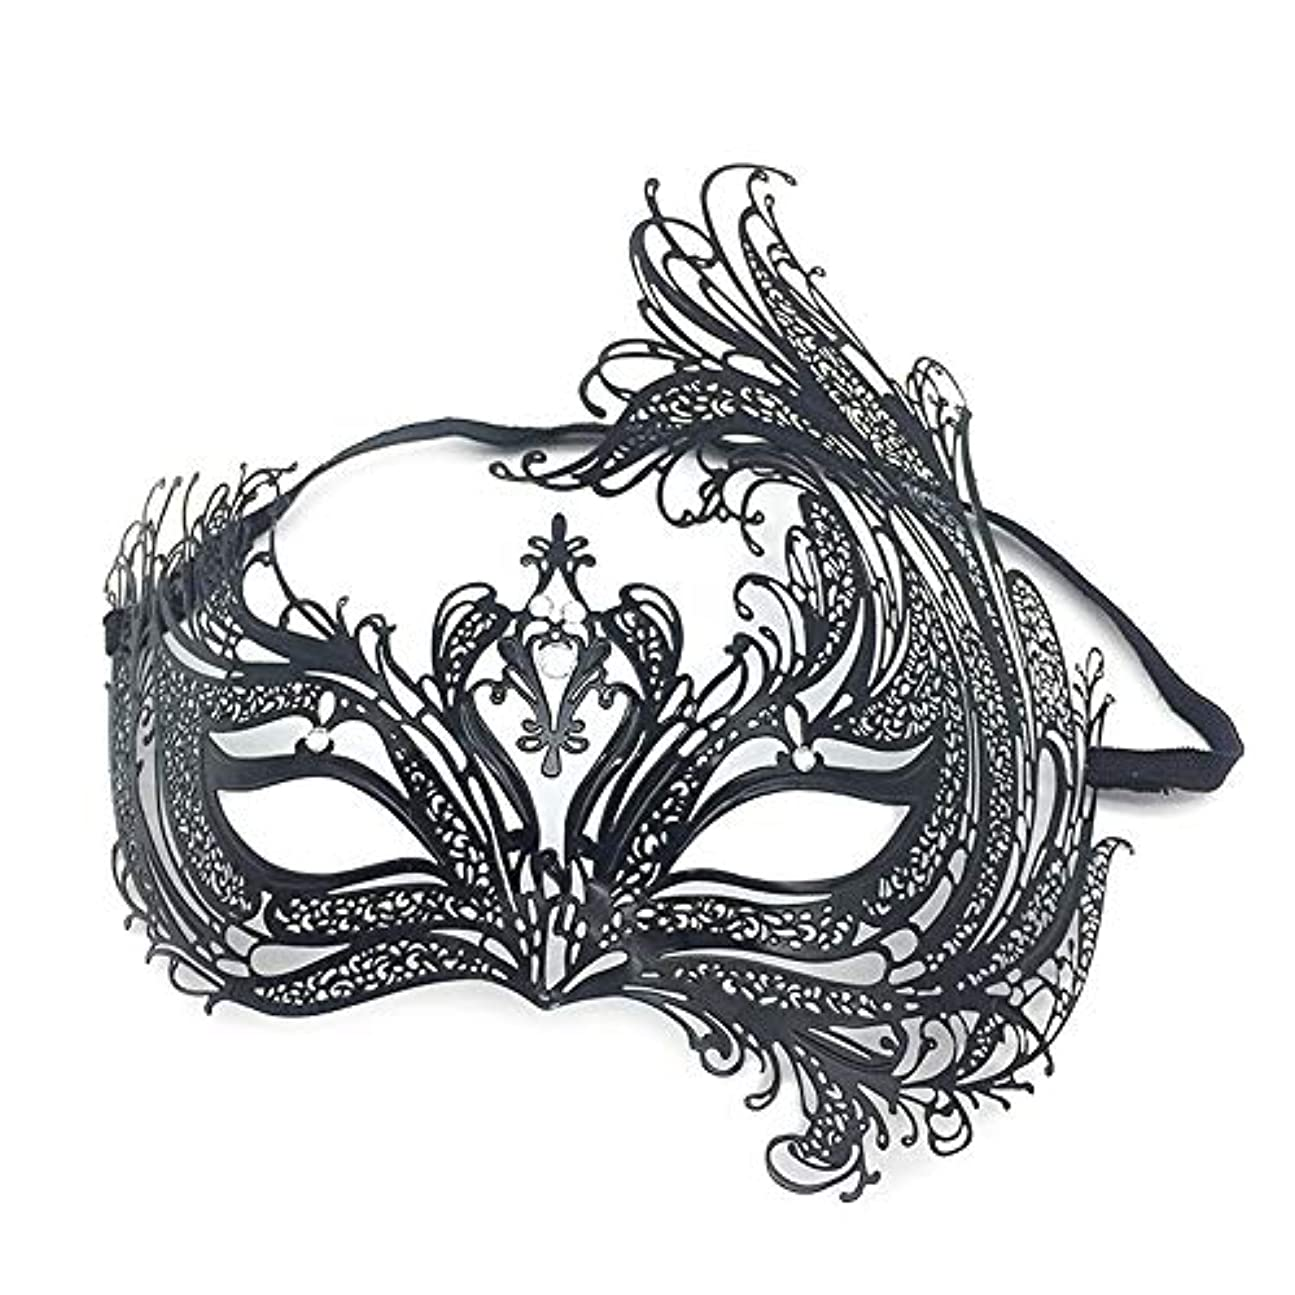 パーツマットレス発表するダンスマスク 仮面舞踏会パーティーブラックセクシーハーフフェイスフェニックスハロウィーンロールプレイングメタルマスクガール ホリデーパーティー用品 (色 : ブラック, サイズ : 20x19cm)